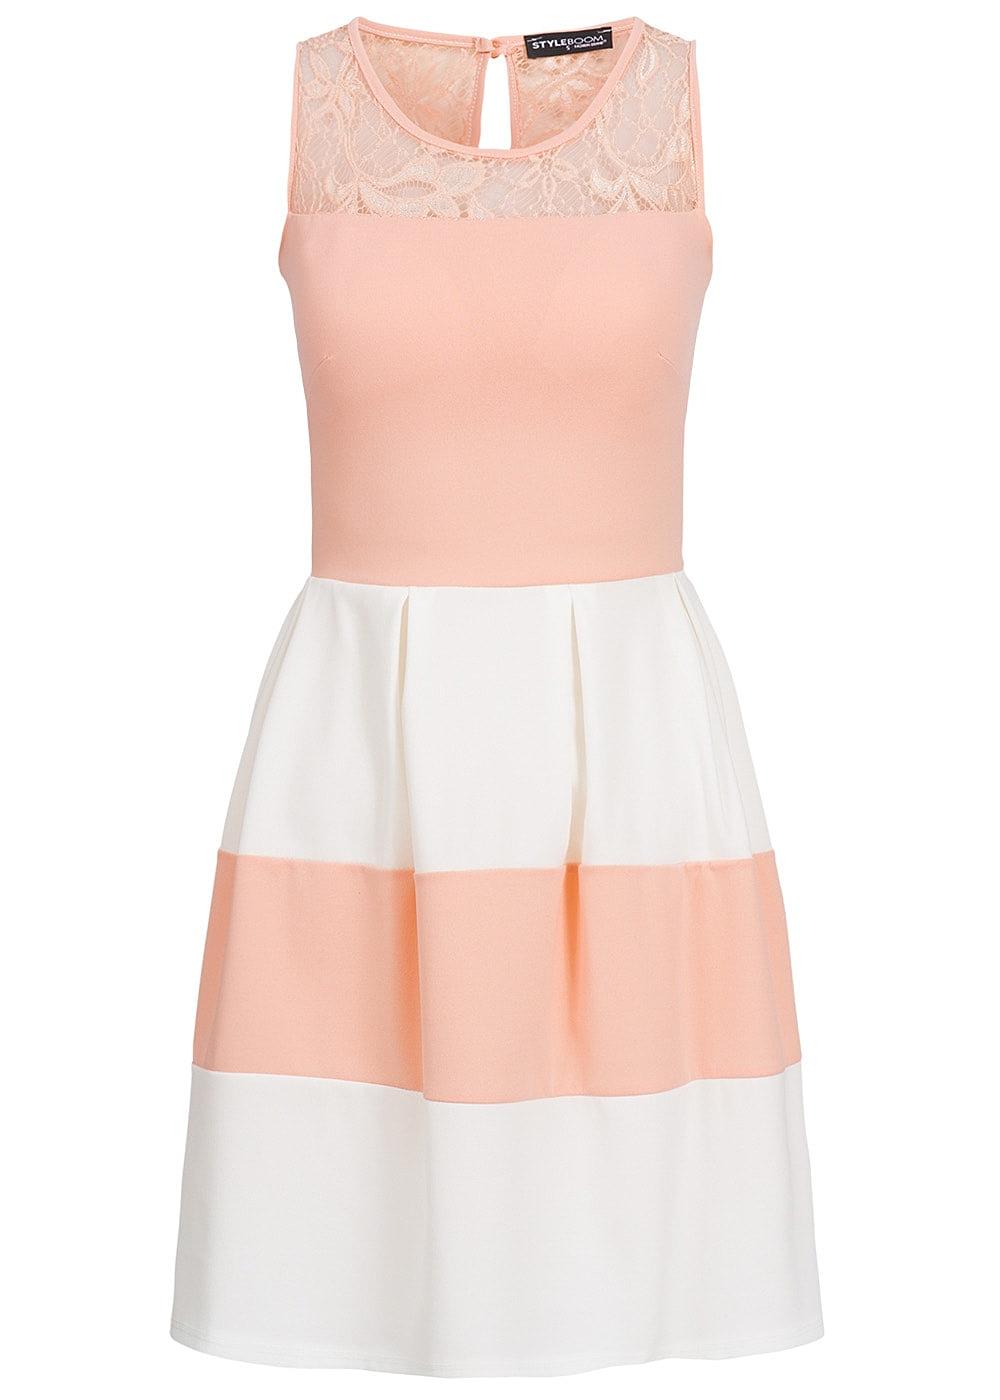 Styleboom Fashion Damen Kleid Spitze gestreift rosa weiss ...